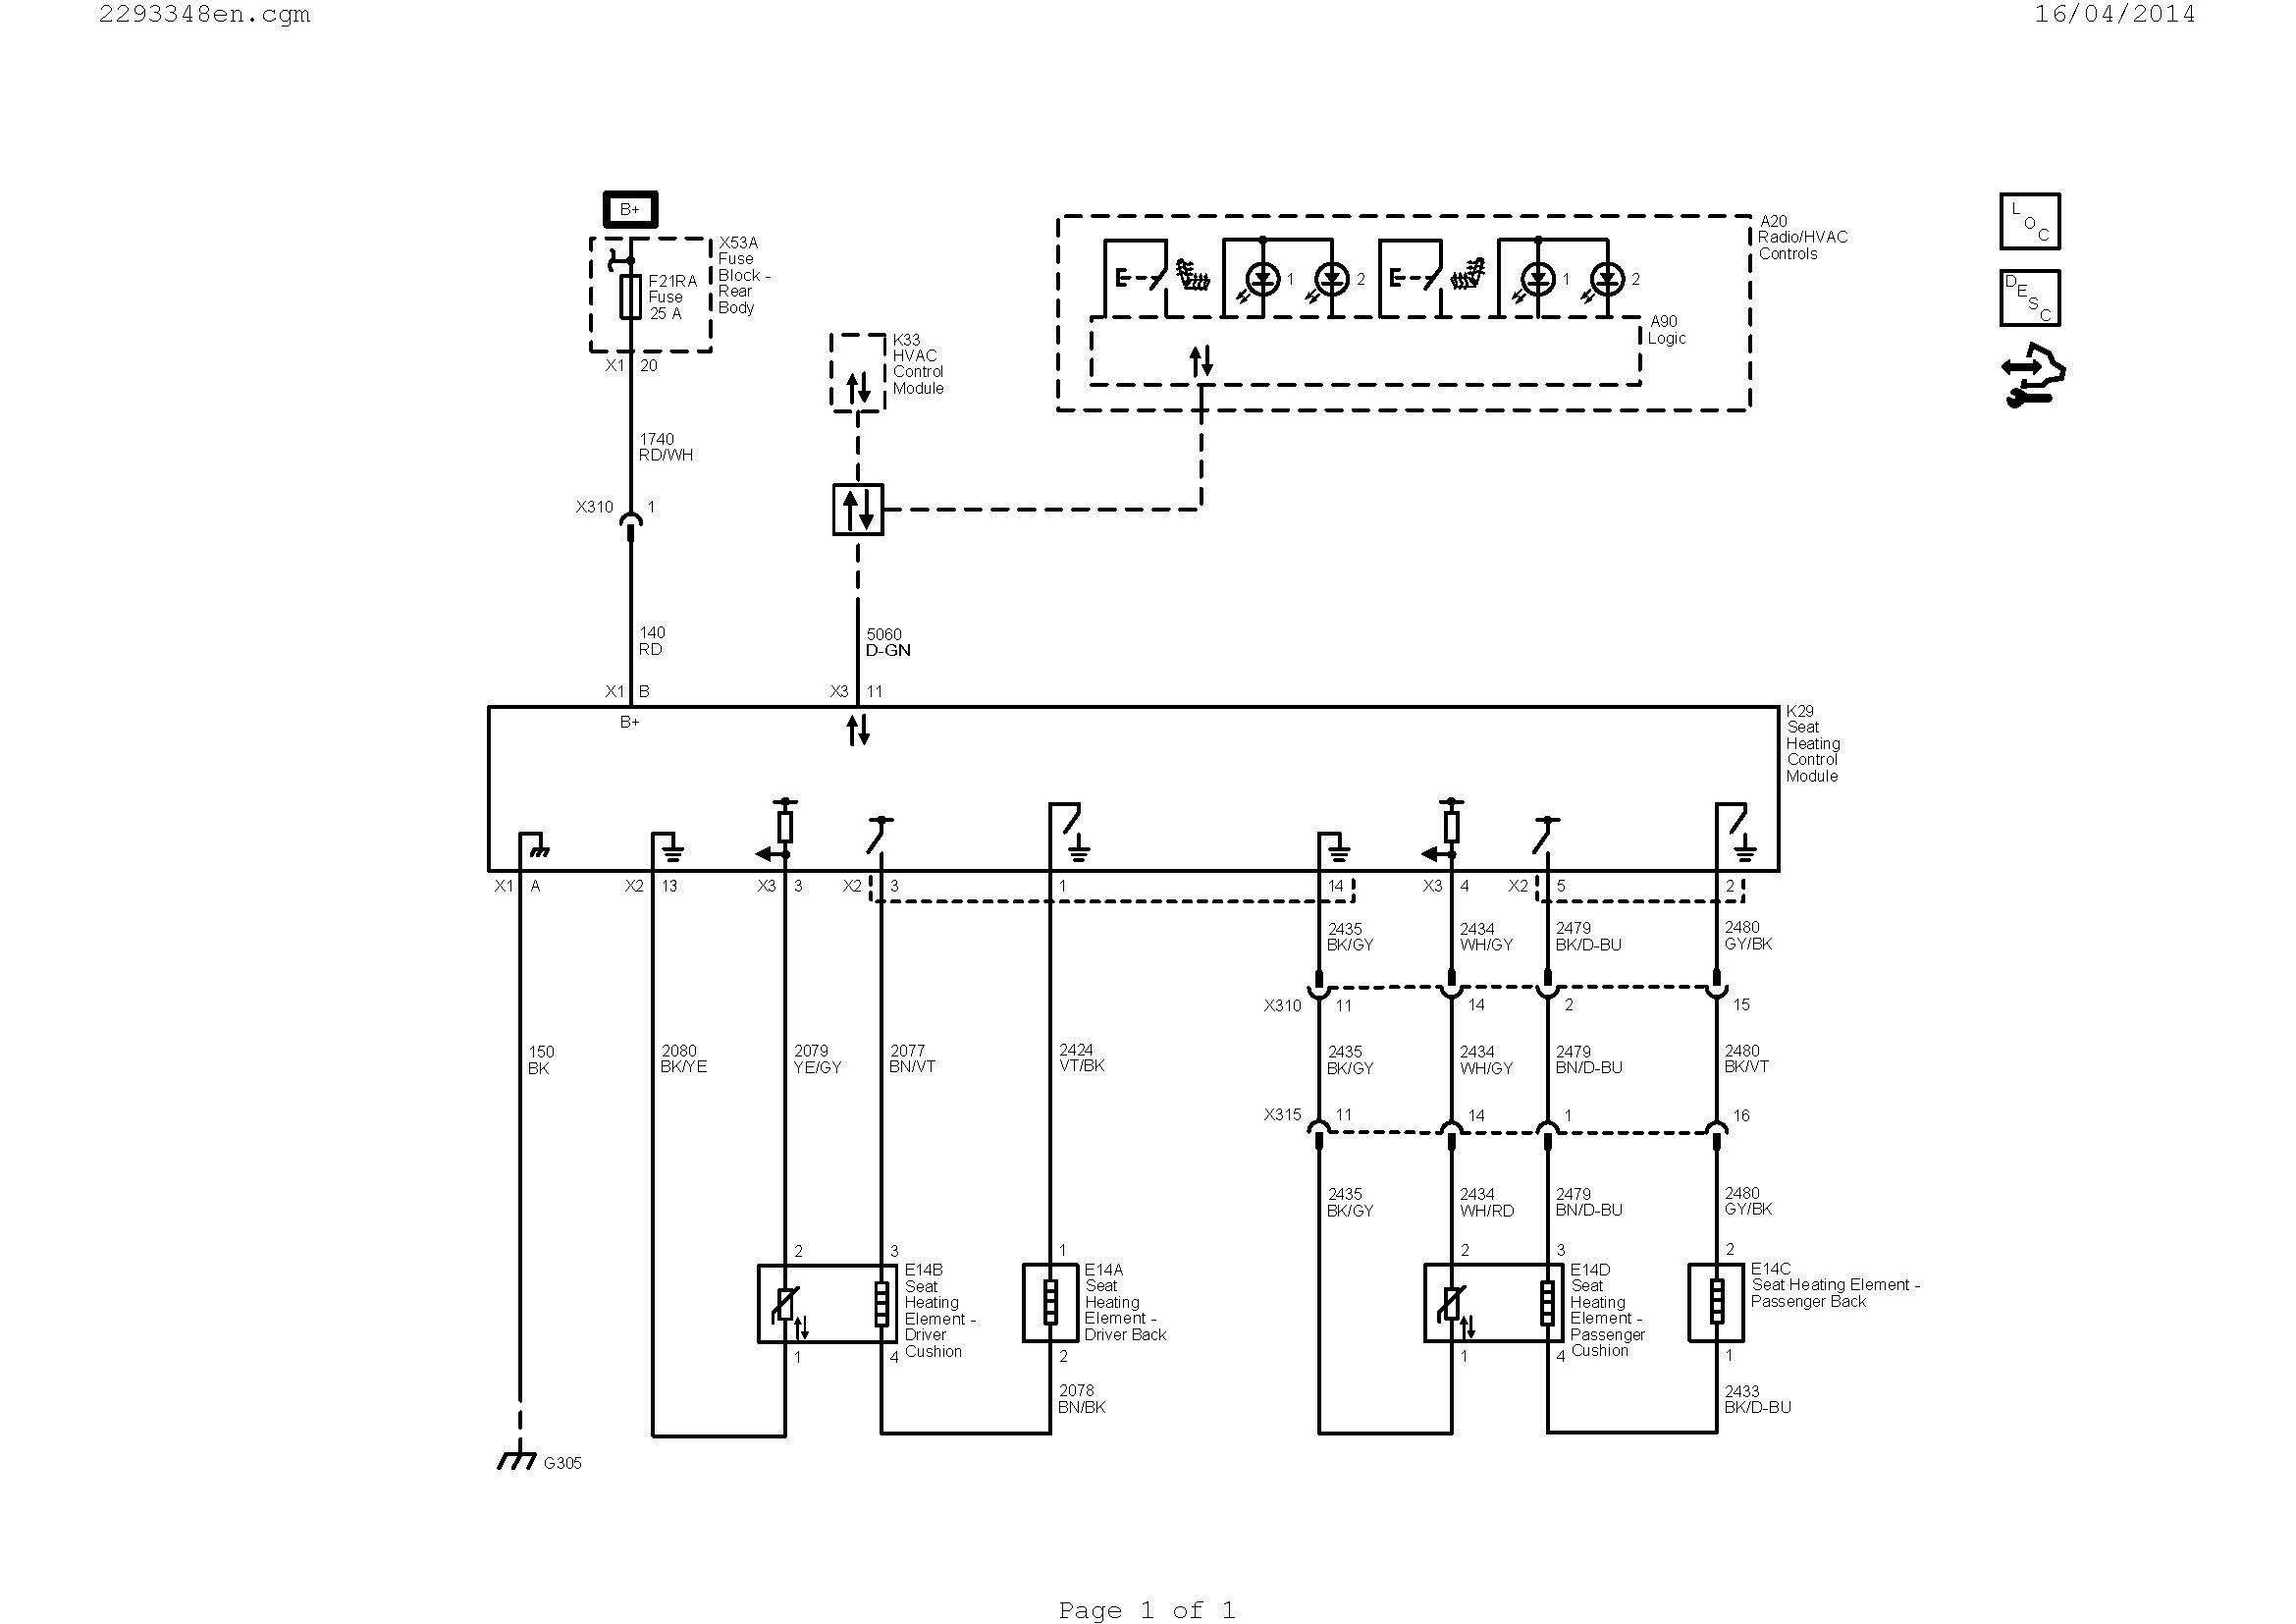 Pioneer Head Unit Wiring Diagram In 2020 Electrical Wiring Diagram Electrical Diagram Trailer Wiring Diagram